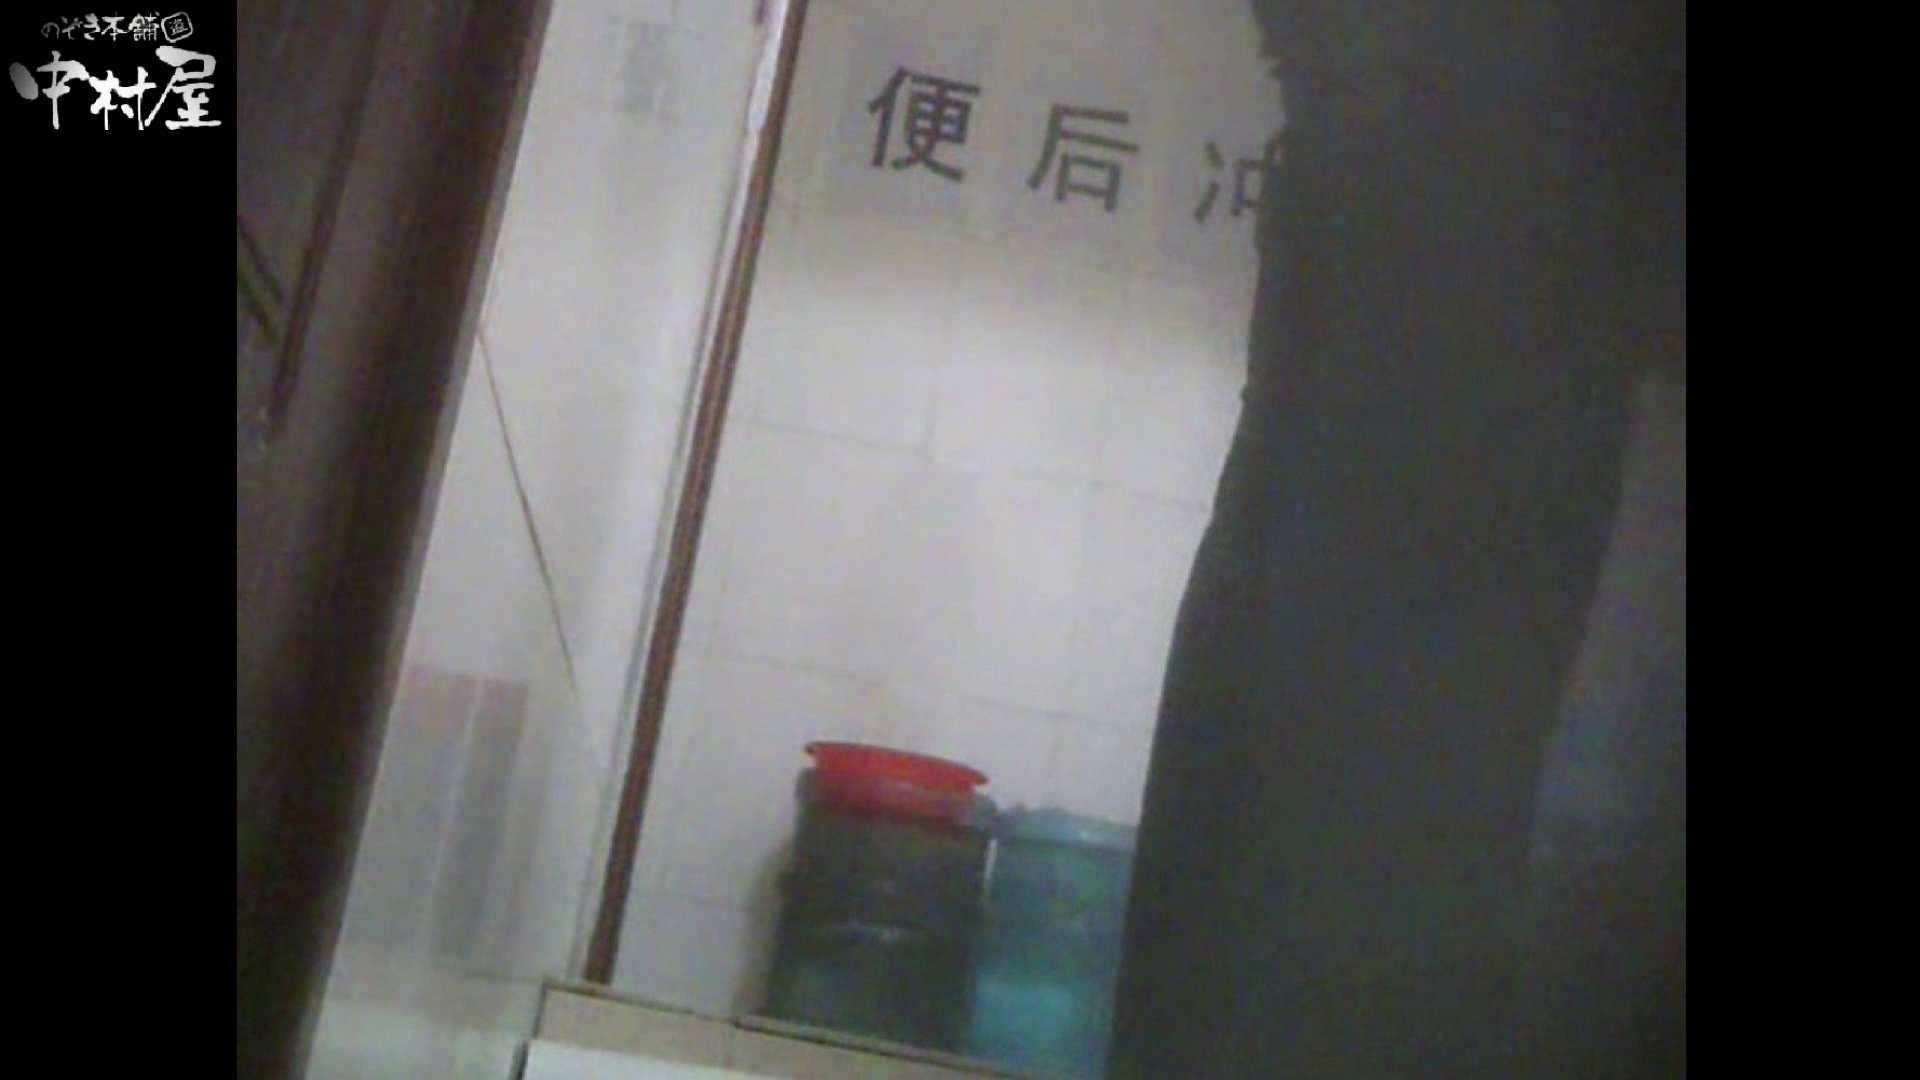 李さんの盗撮日記 Vol.03 女性トイレ アダルト動画キャプチャ 101pic 19